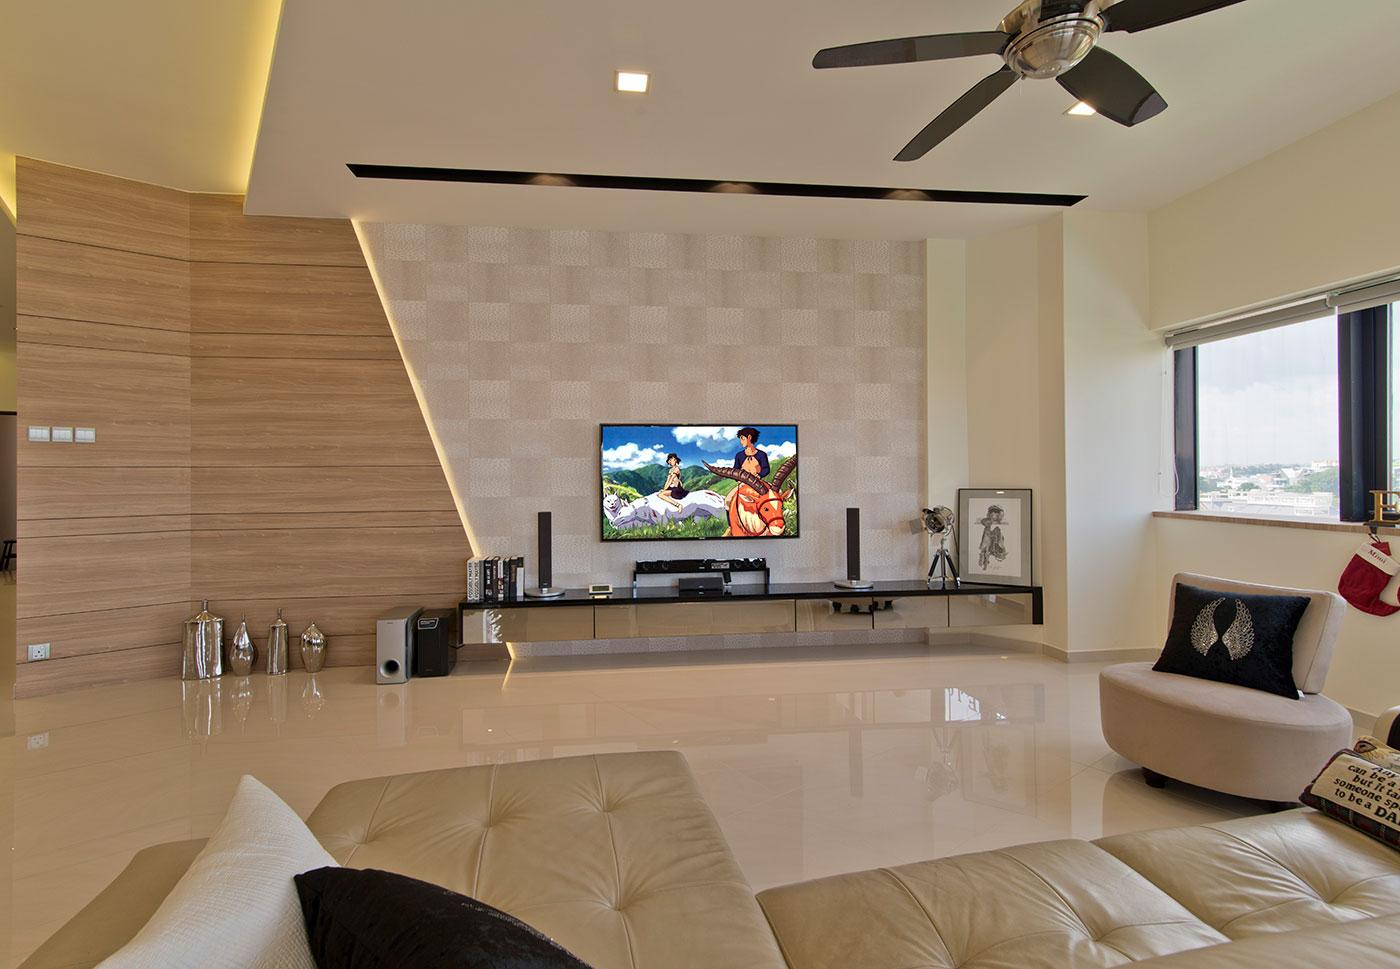 Plus Interior Design - The HipVan Blog